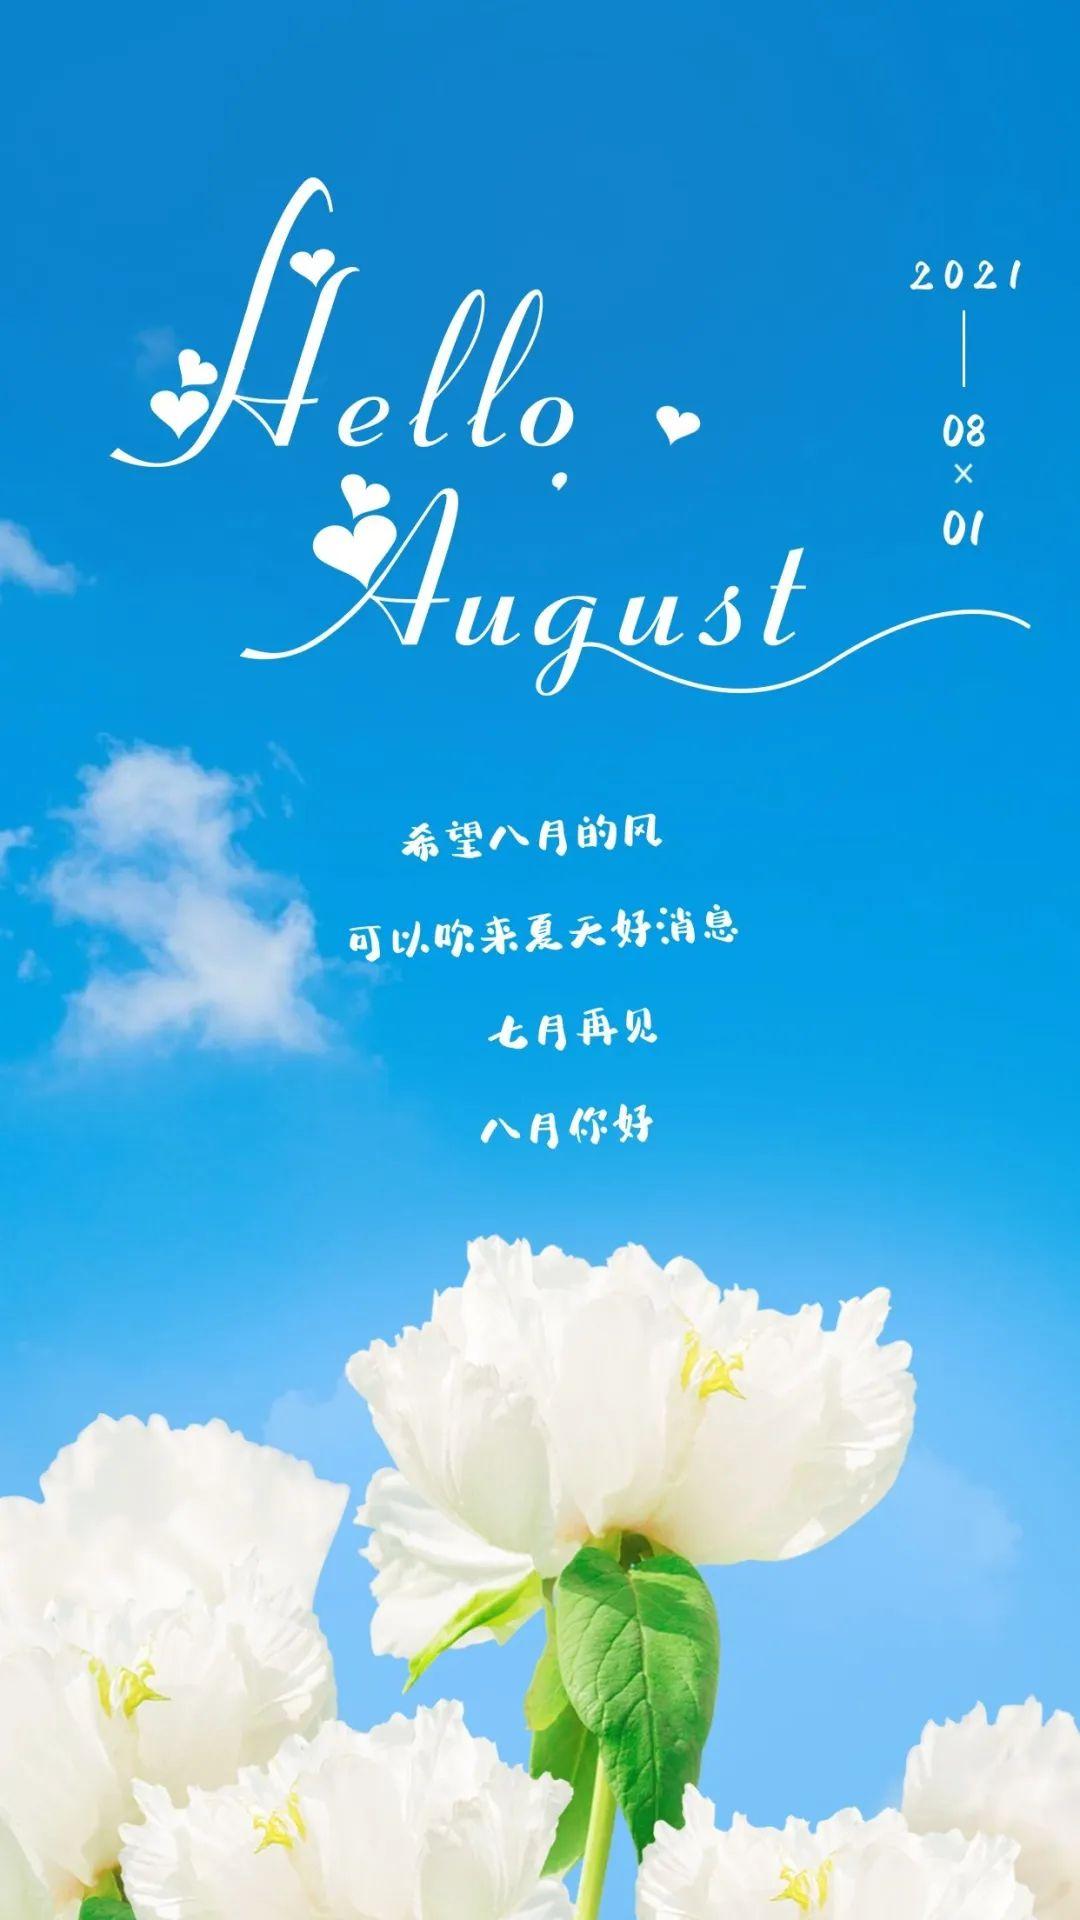 八月你好配图图片大全,八月图片简单带字,8月朋友圈文案句子